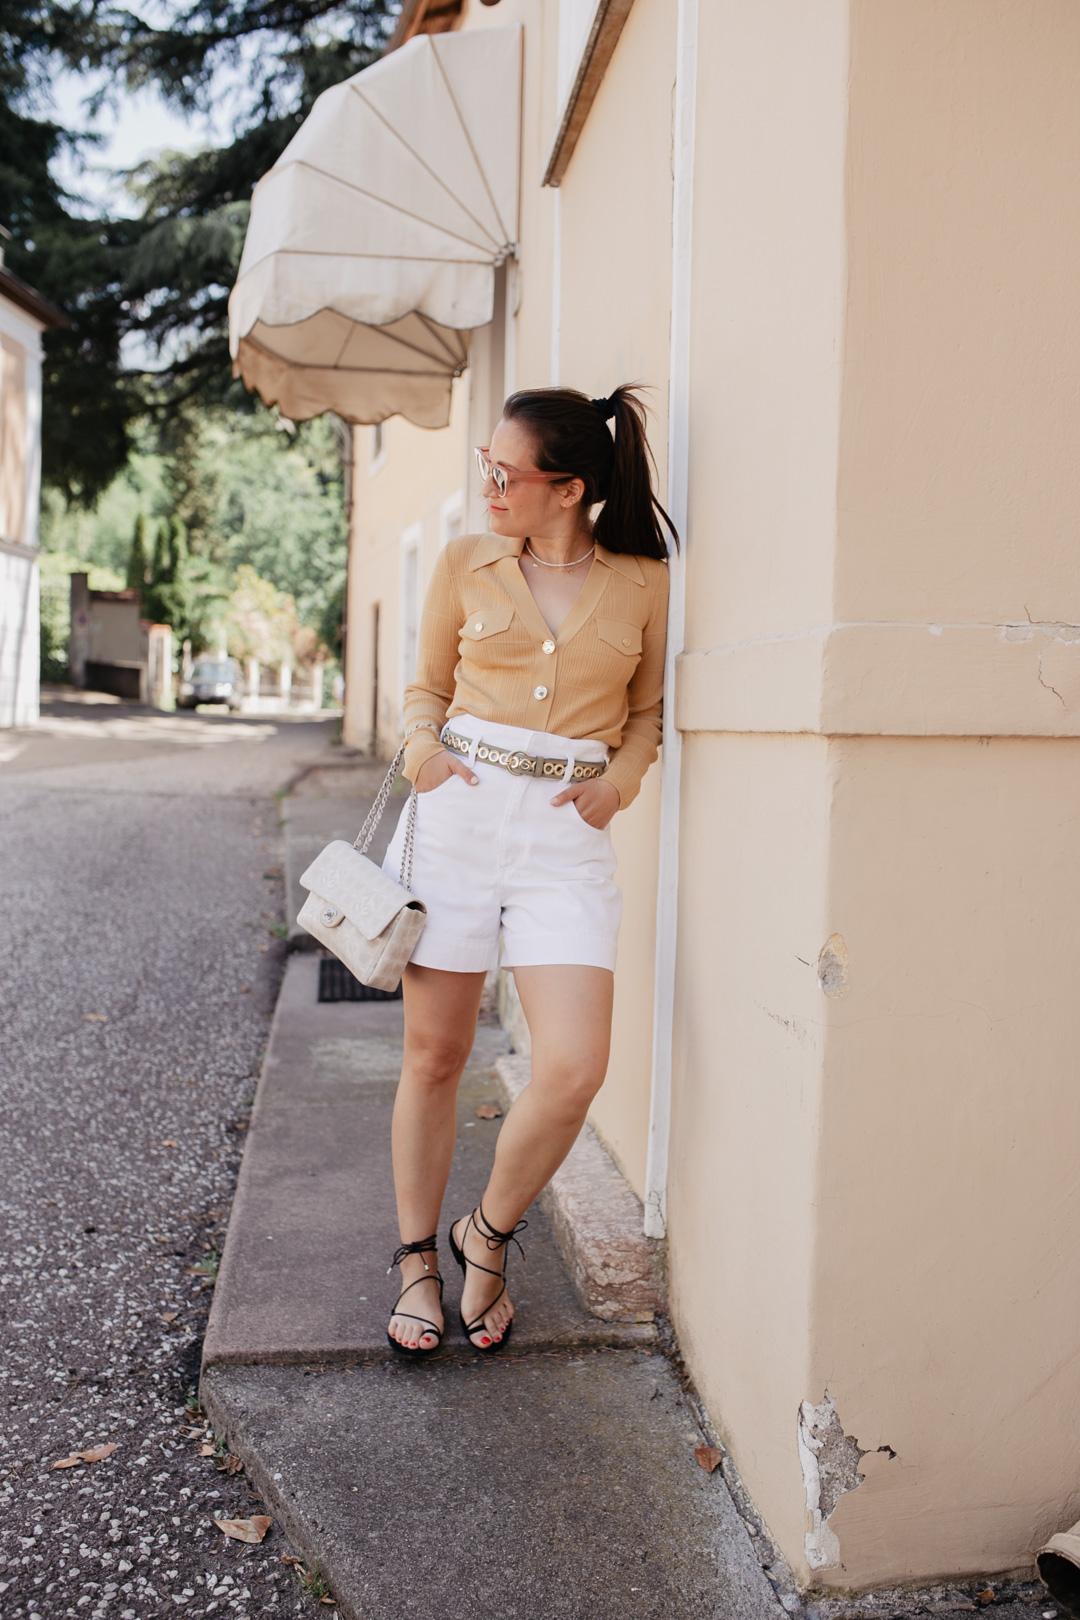 Endlich ist der Sommer da! Passend dazu habe ich für unseren Kurztrip nach Meran lauter sommerliche Teile aus dem Schrank geholt. Meine liebsten Sandalen, weiße Jeans Shorts und eine sommerliche Strickjacke und fertig ist mein Sommerlook für die Stadt. Mehr Outfitinspo findet ihr auf meinem Blog Pieces of Mariposa.